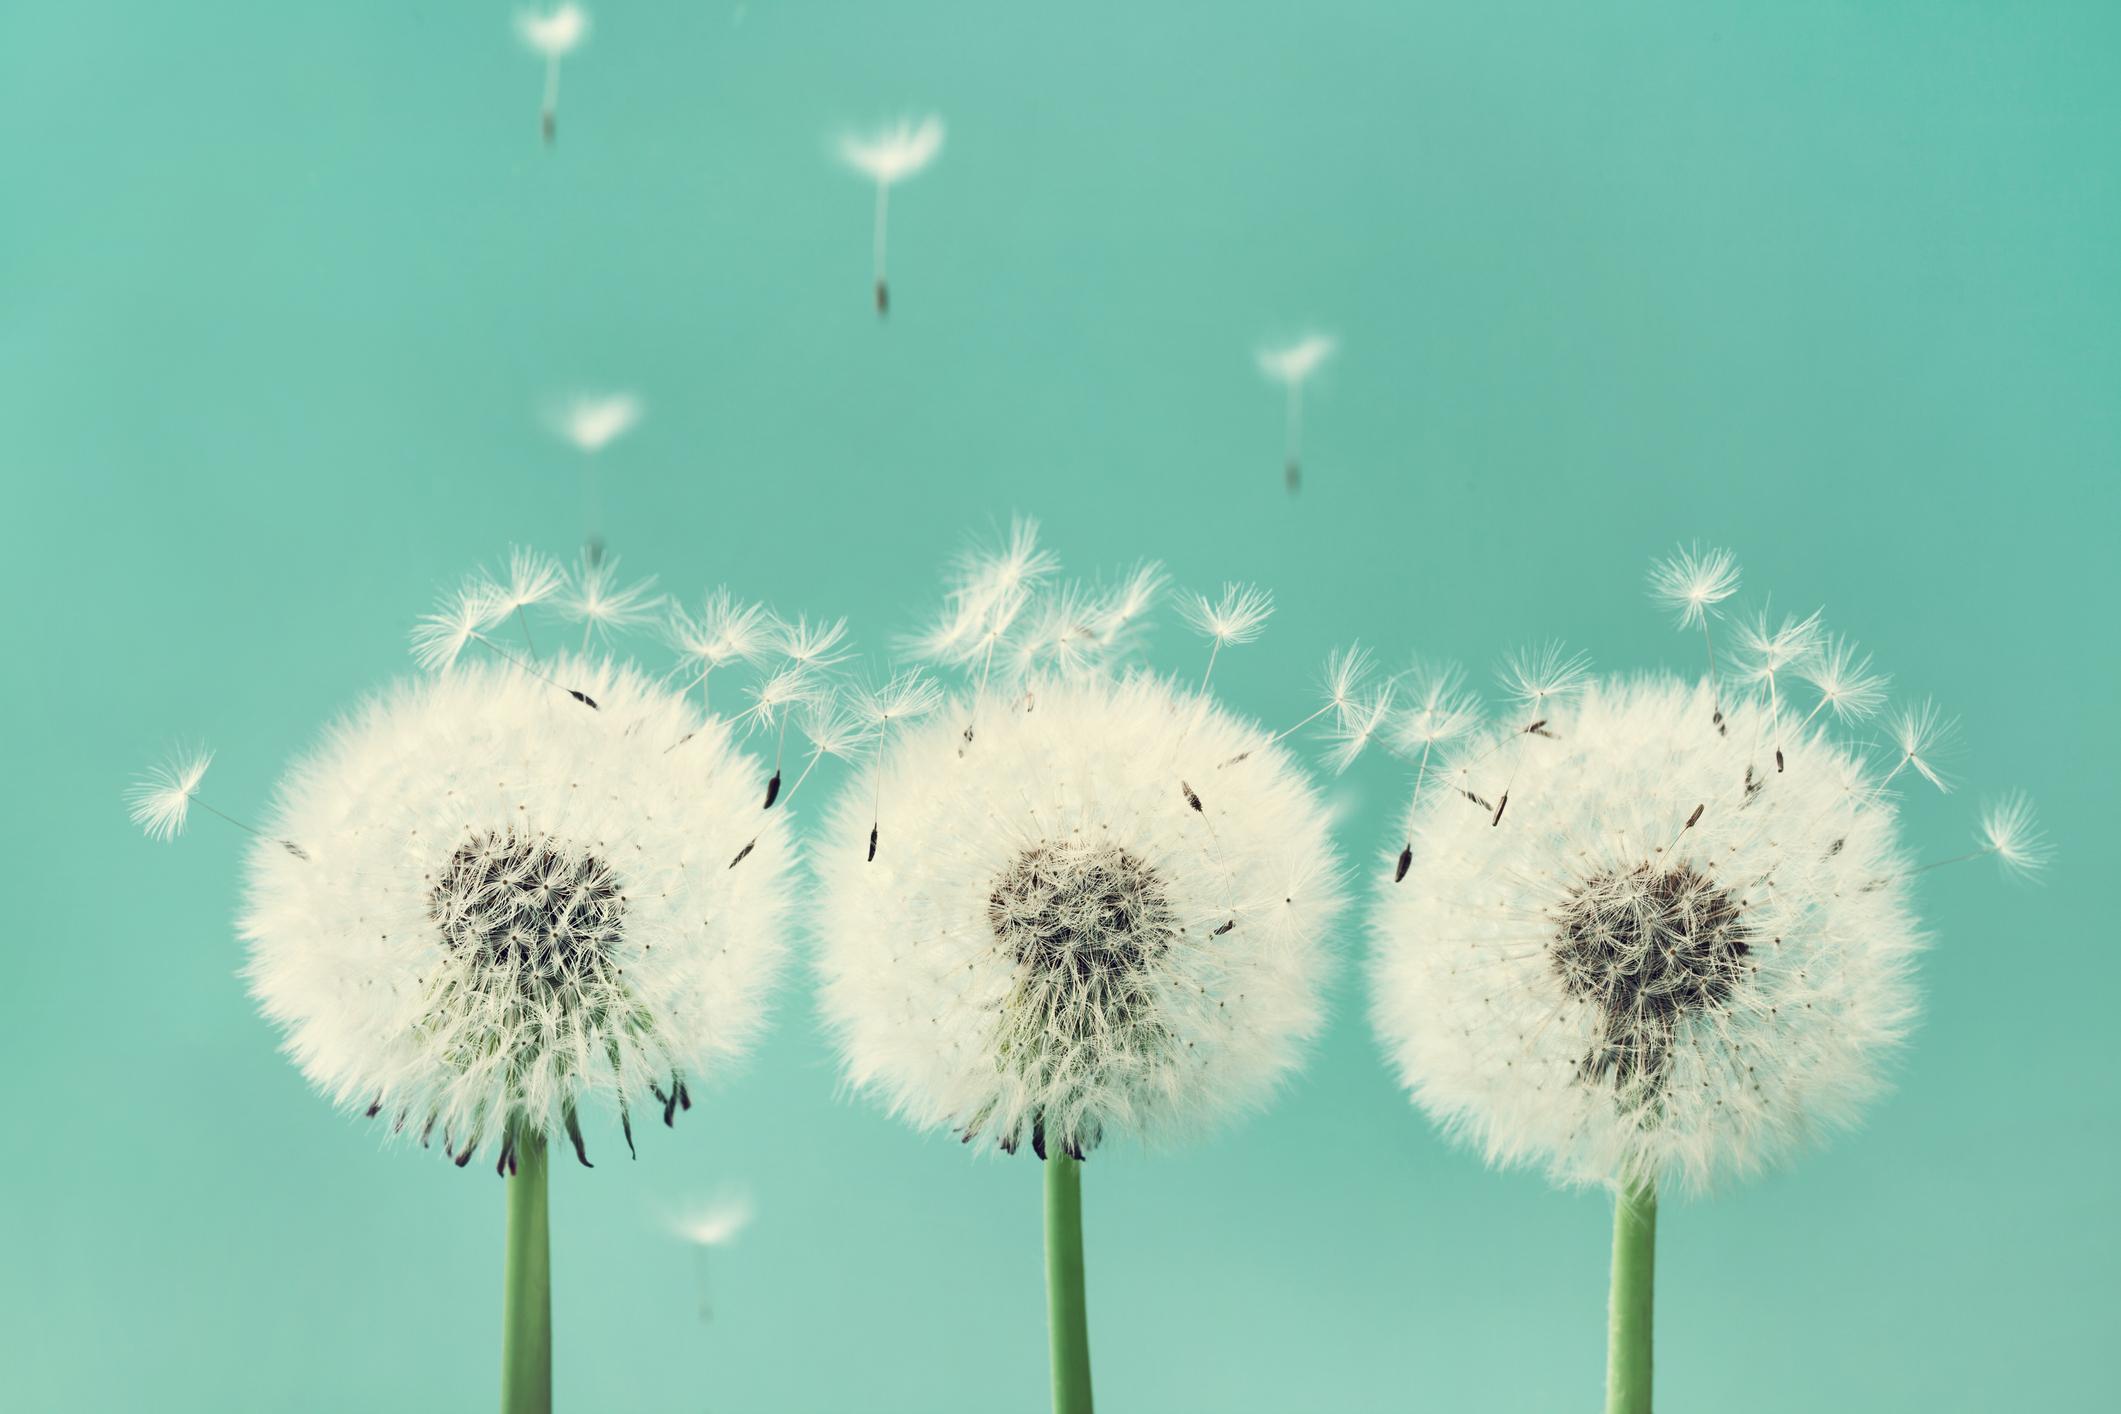 3 dandelion flowers